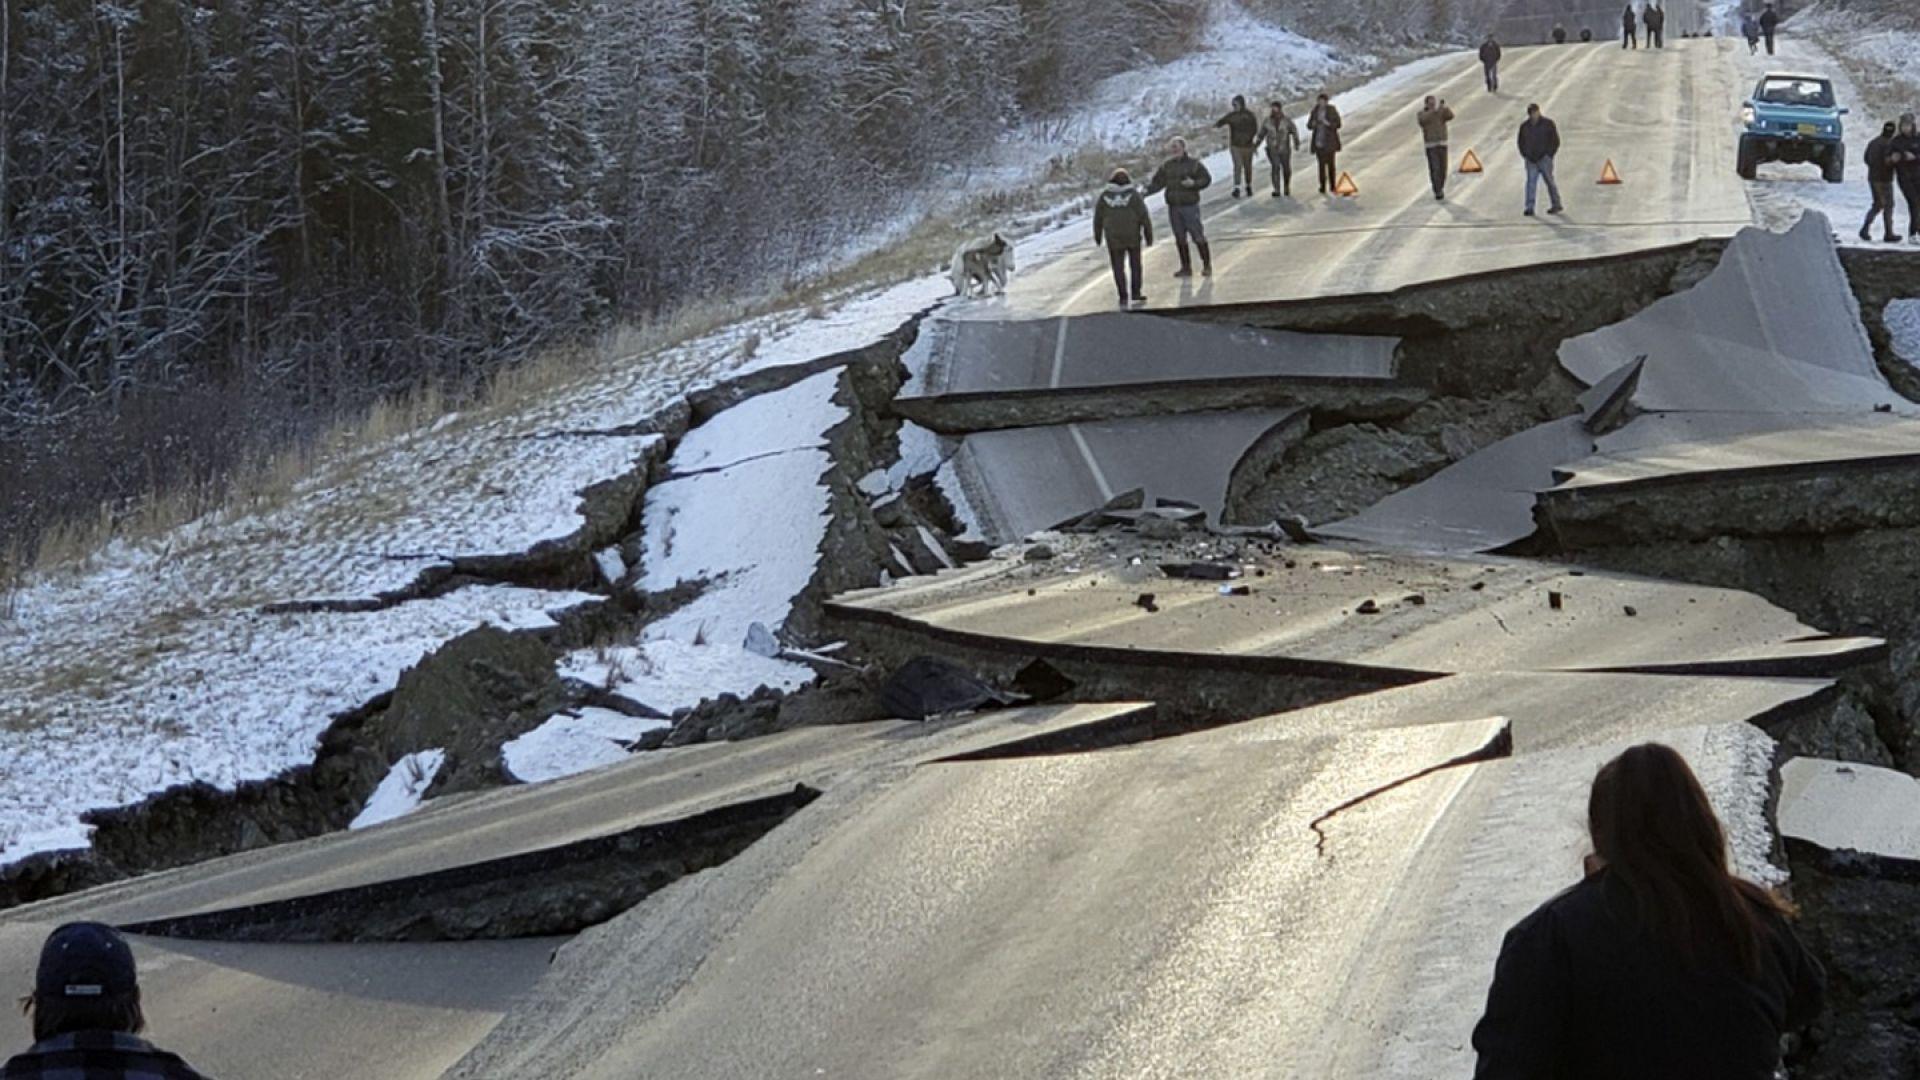 Българи след мощния трус в Аляска: Беше ужас, не сме спали с дни